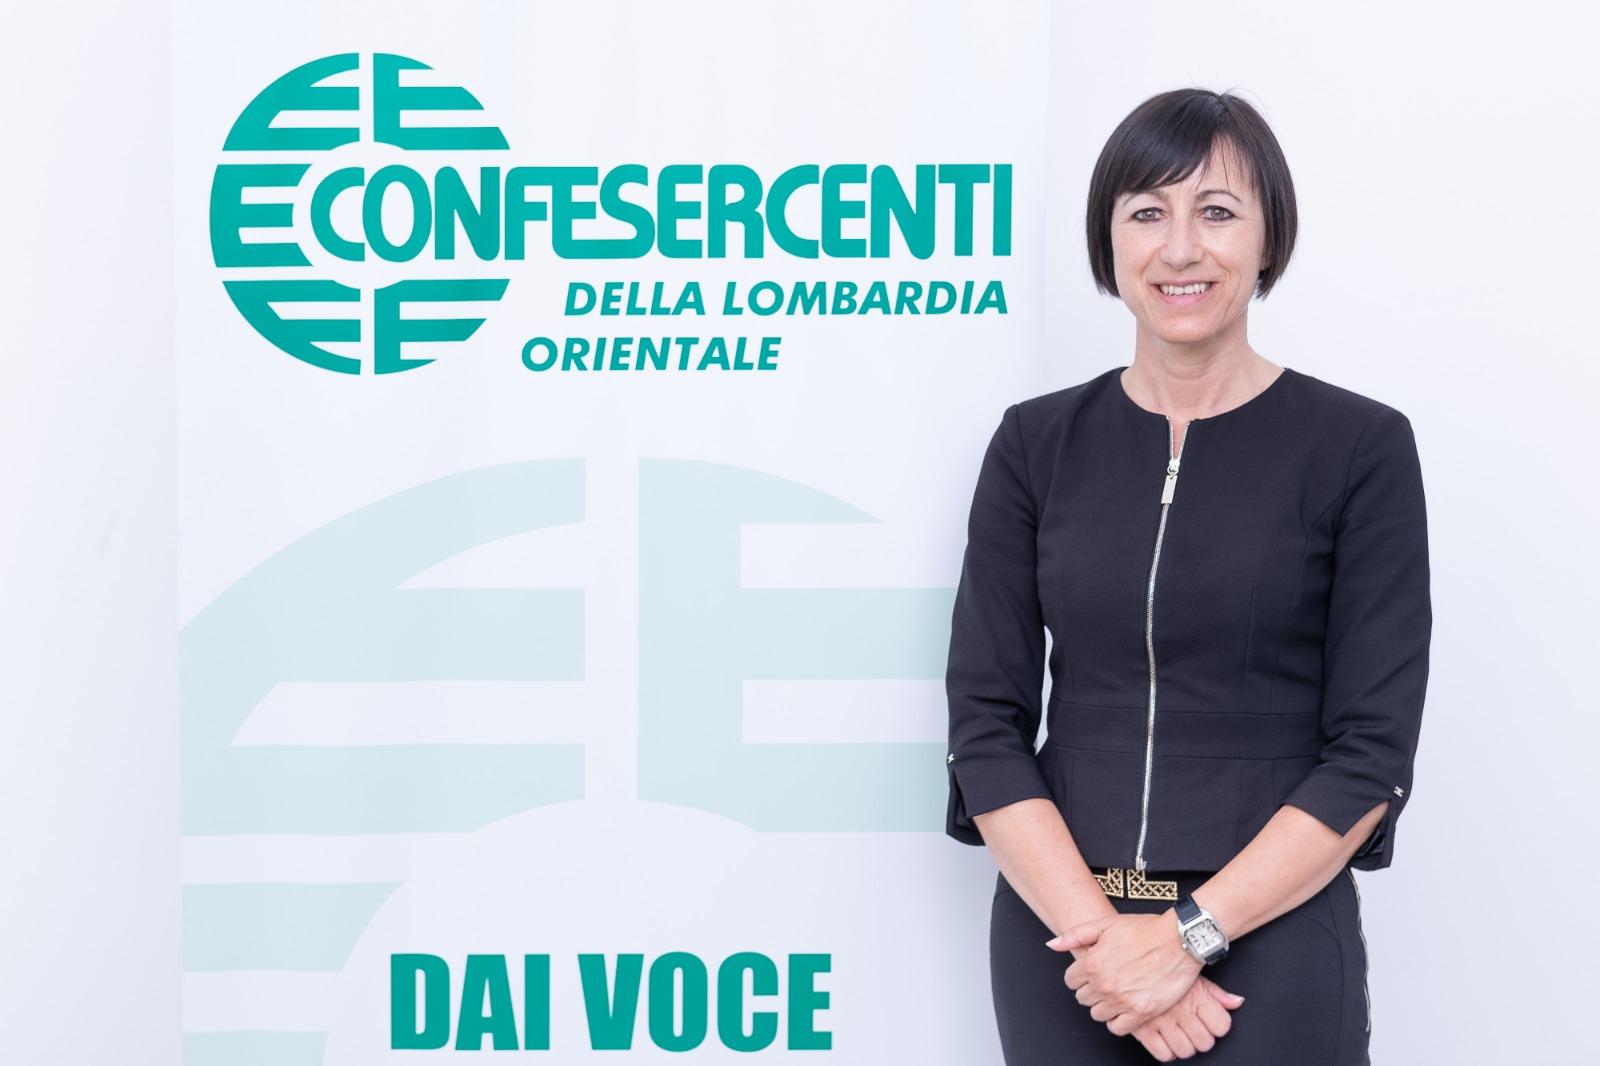 Barbara Quaresmini è la nuova Presidente di Confesercenti Lombardia Orientale